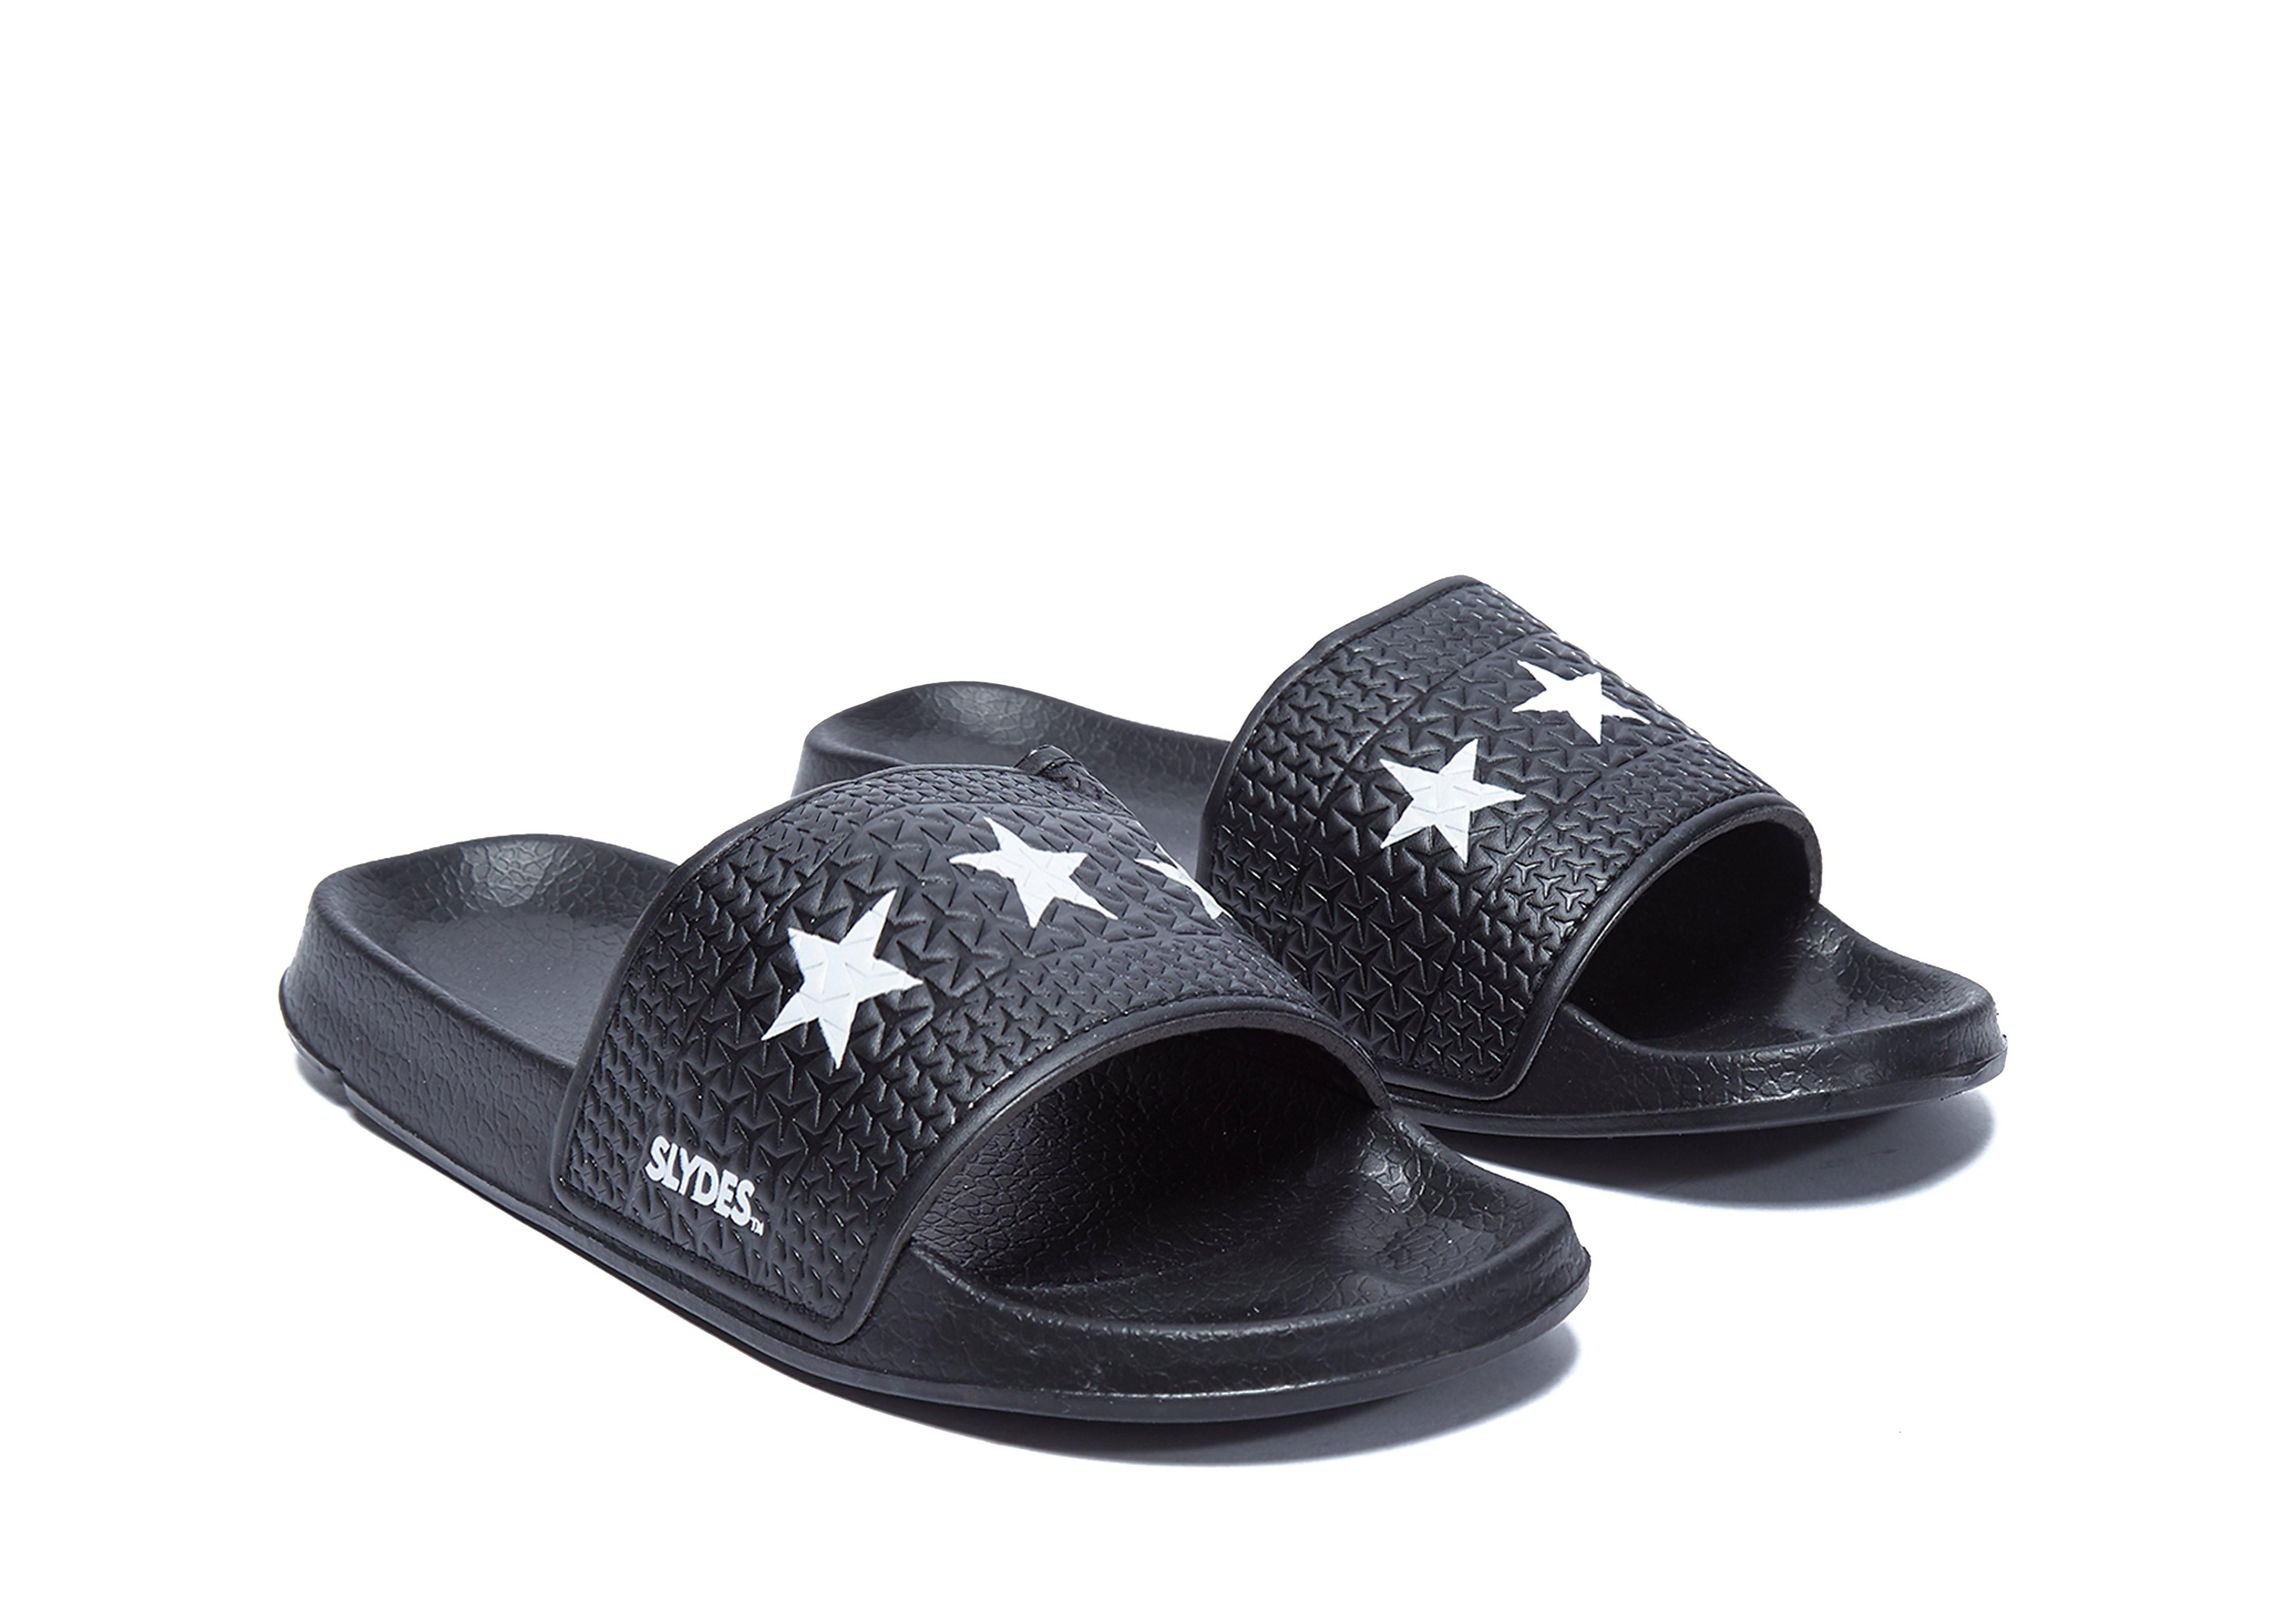 Slydes Stars Slides